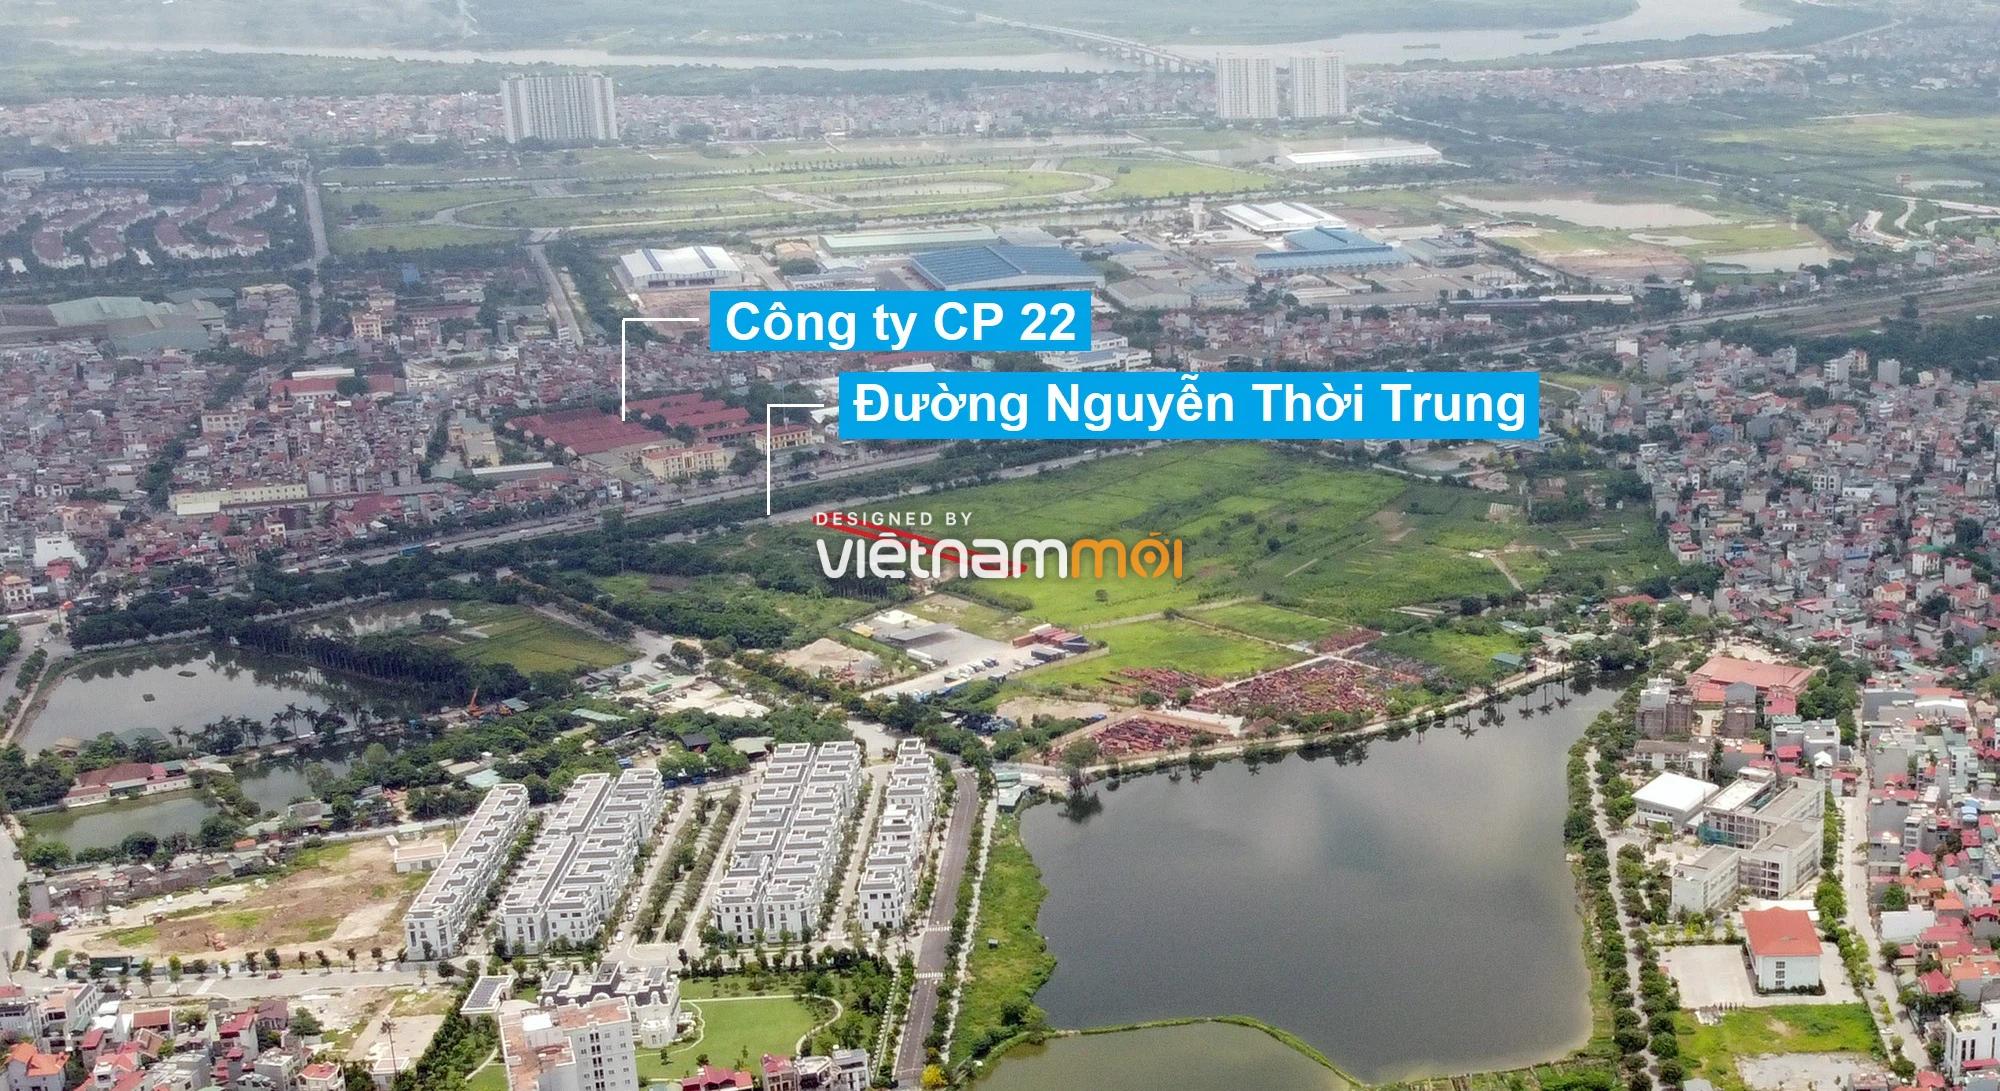 Những khu đất sắp thu hồi để mở đường ở phường Thạch Bàn, Long Biên, Hà Nội (phần 4) - Ảnh 17.